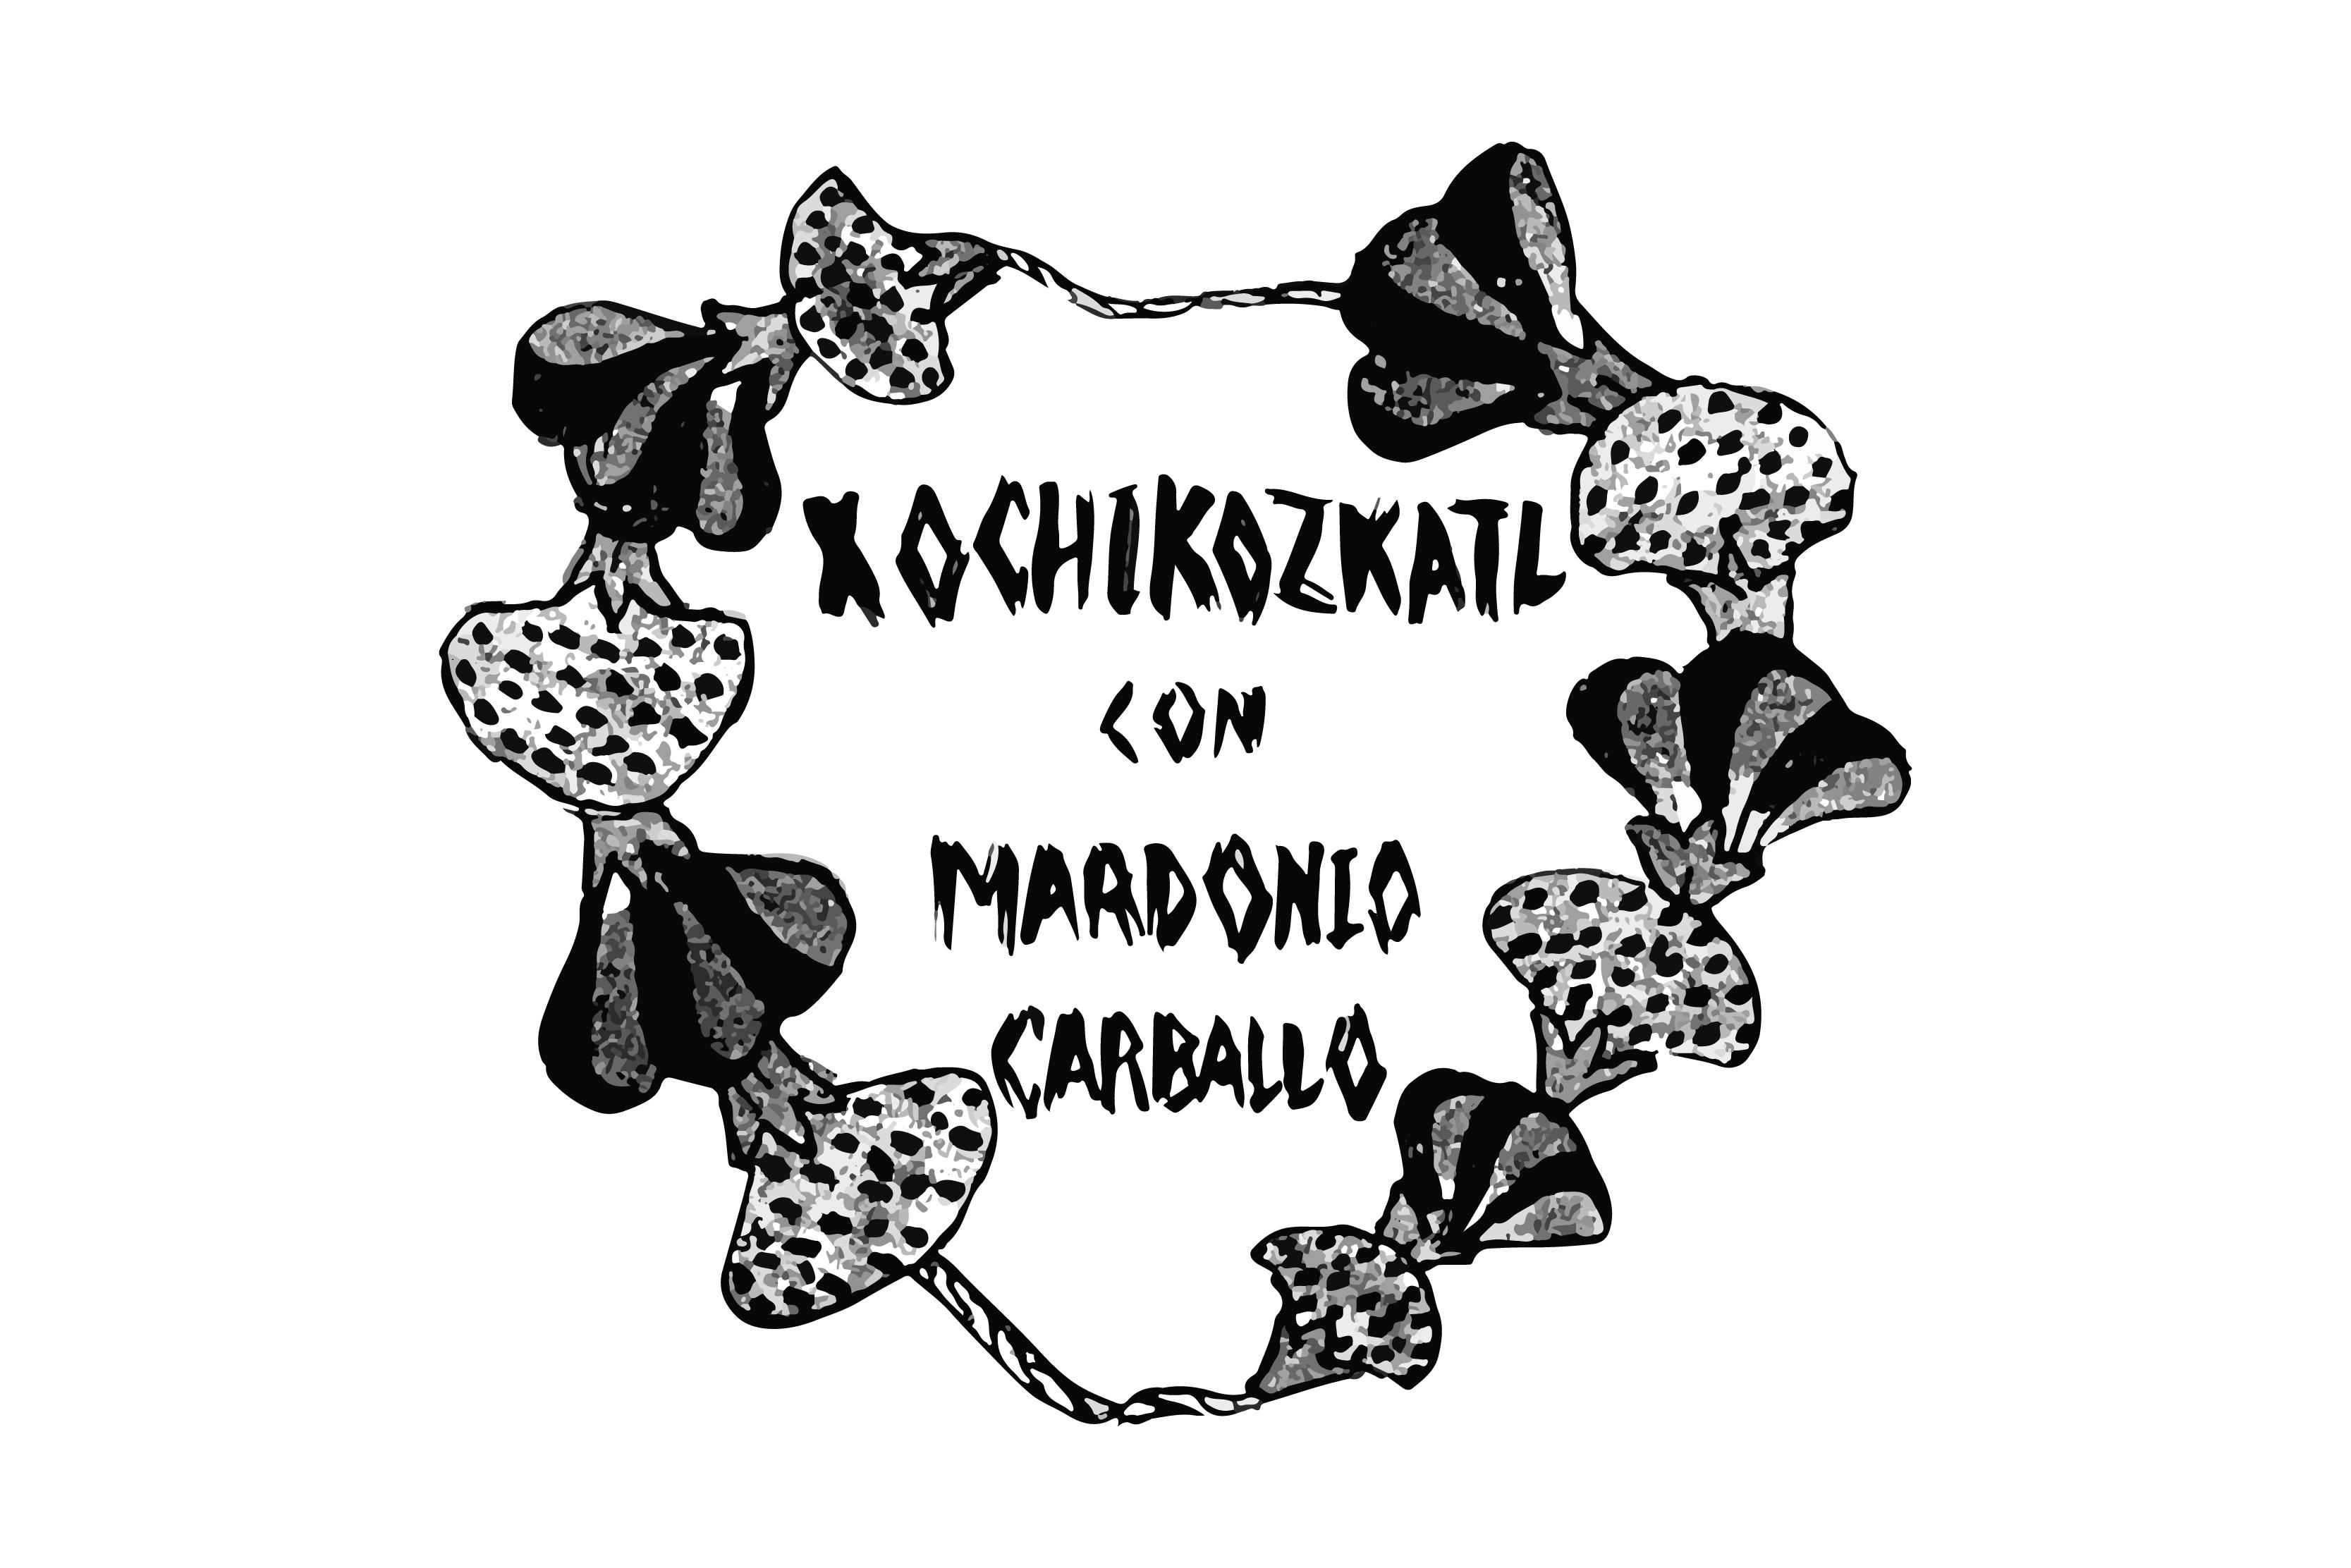 Xochikozkatl  Collar de flores